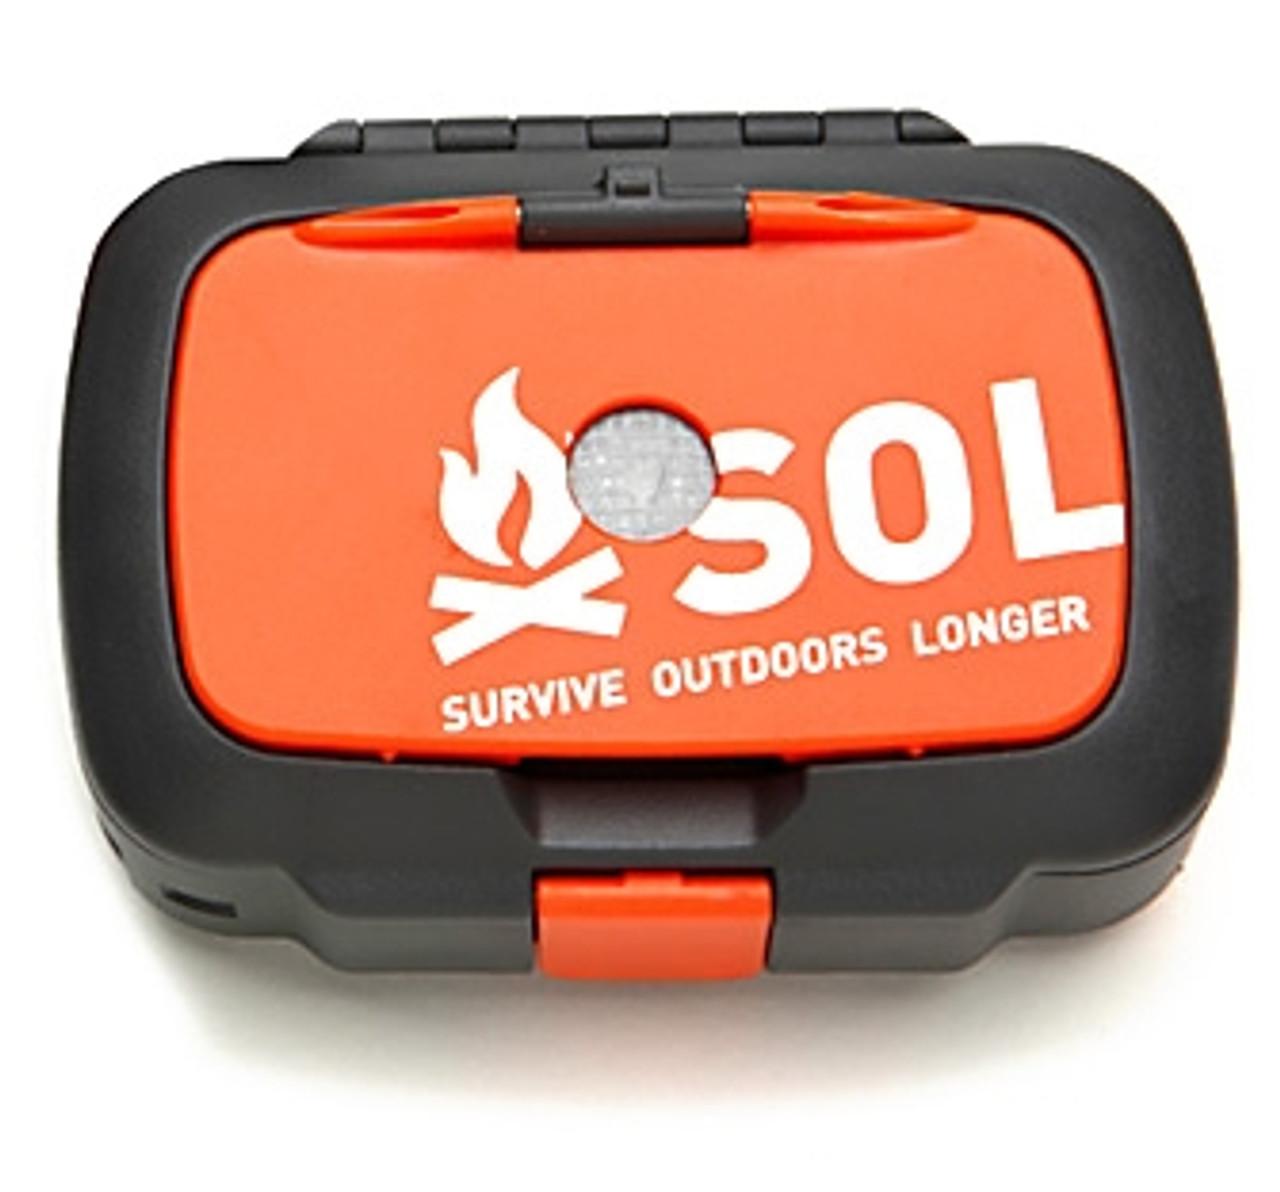 AMK SOL Origin Essential Tool, 0140-0828